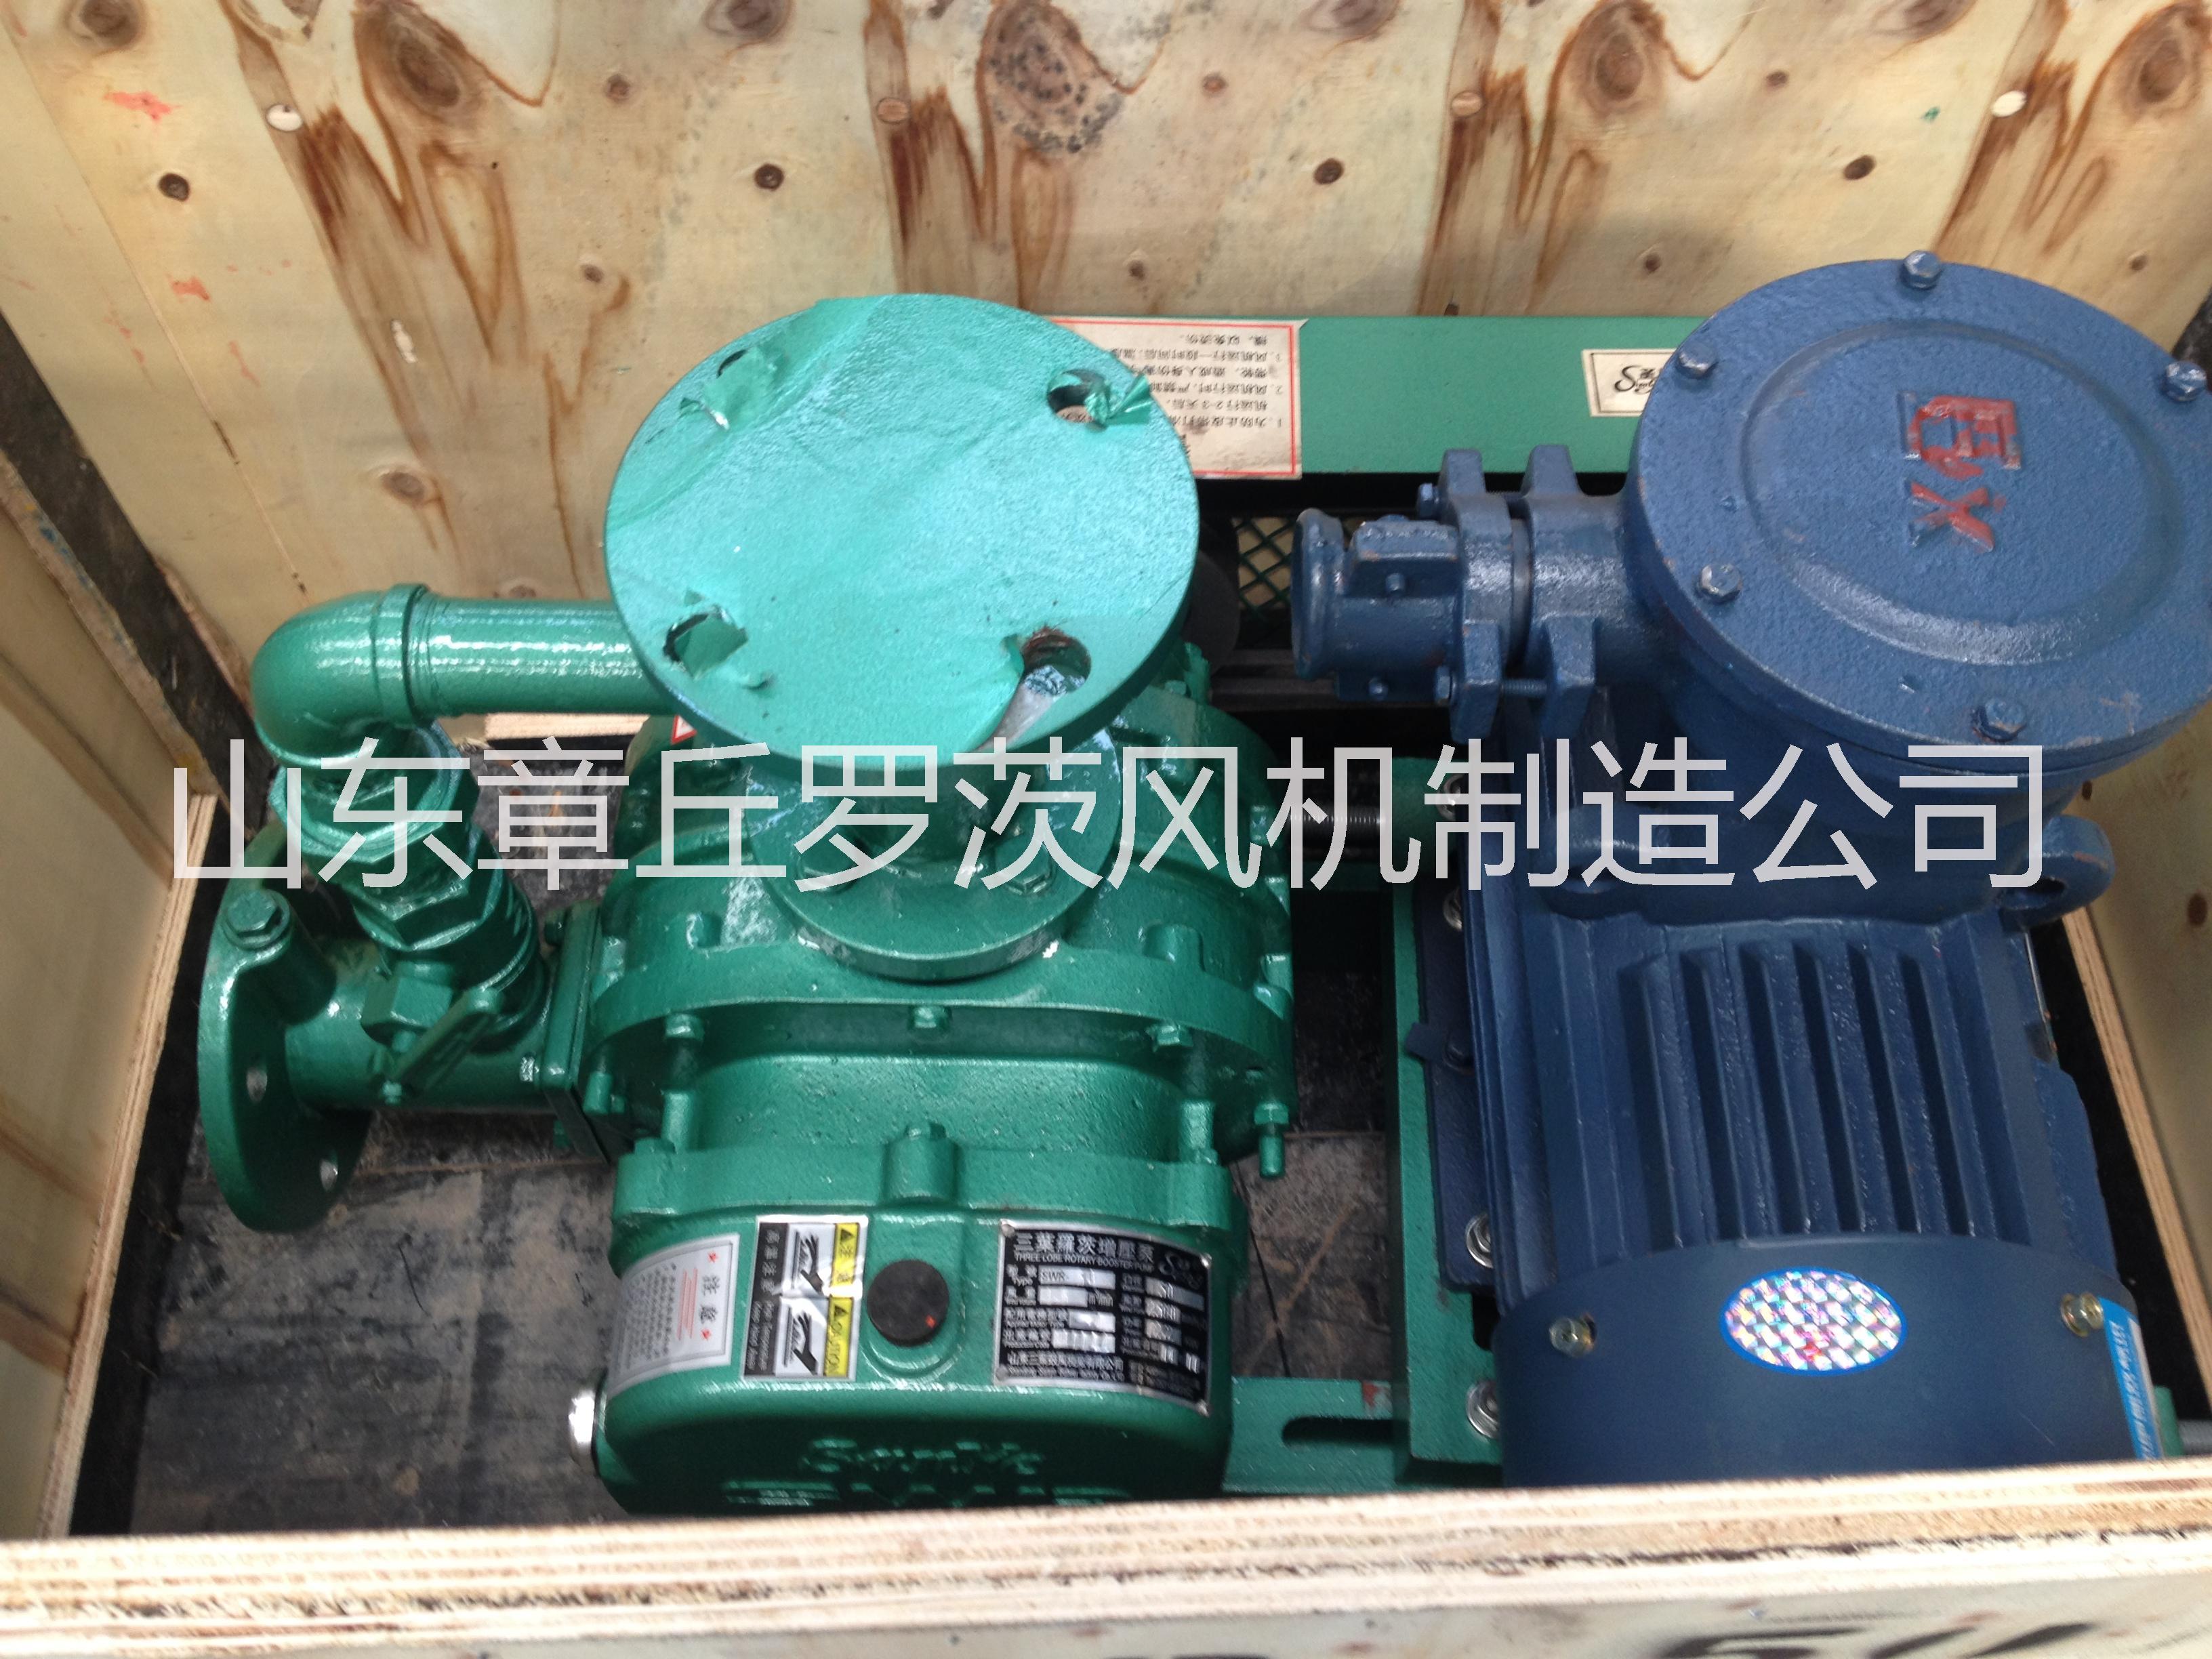 供应燃气沼气增压罗茨鼓风机 燃气沼气管道增压泵